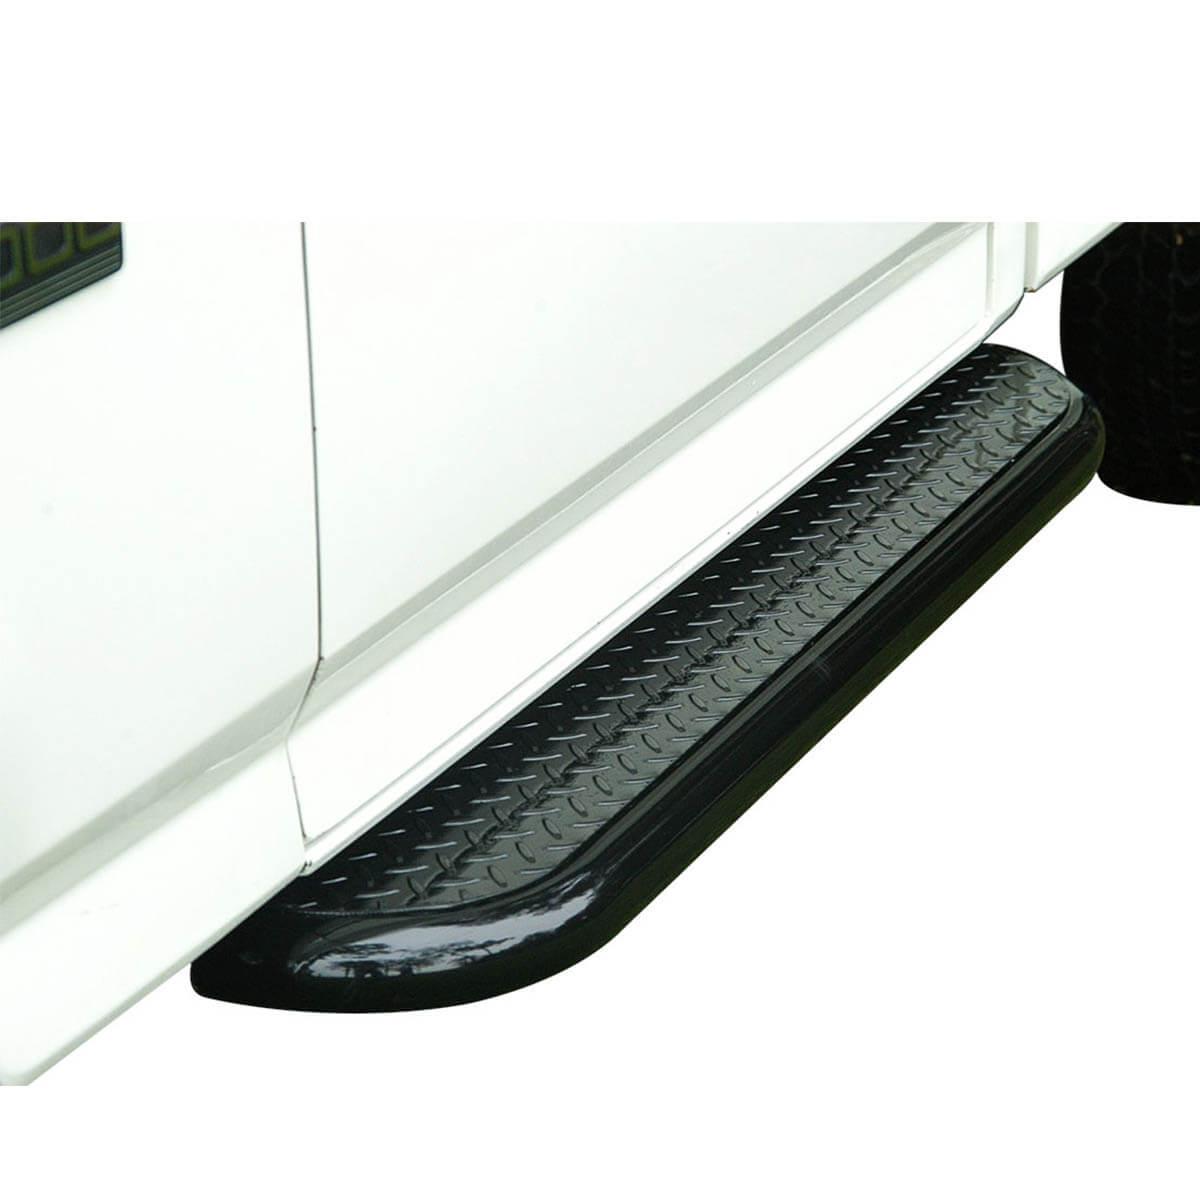 Estribo plataforma preto F250 cabine simples 1998 a 2011